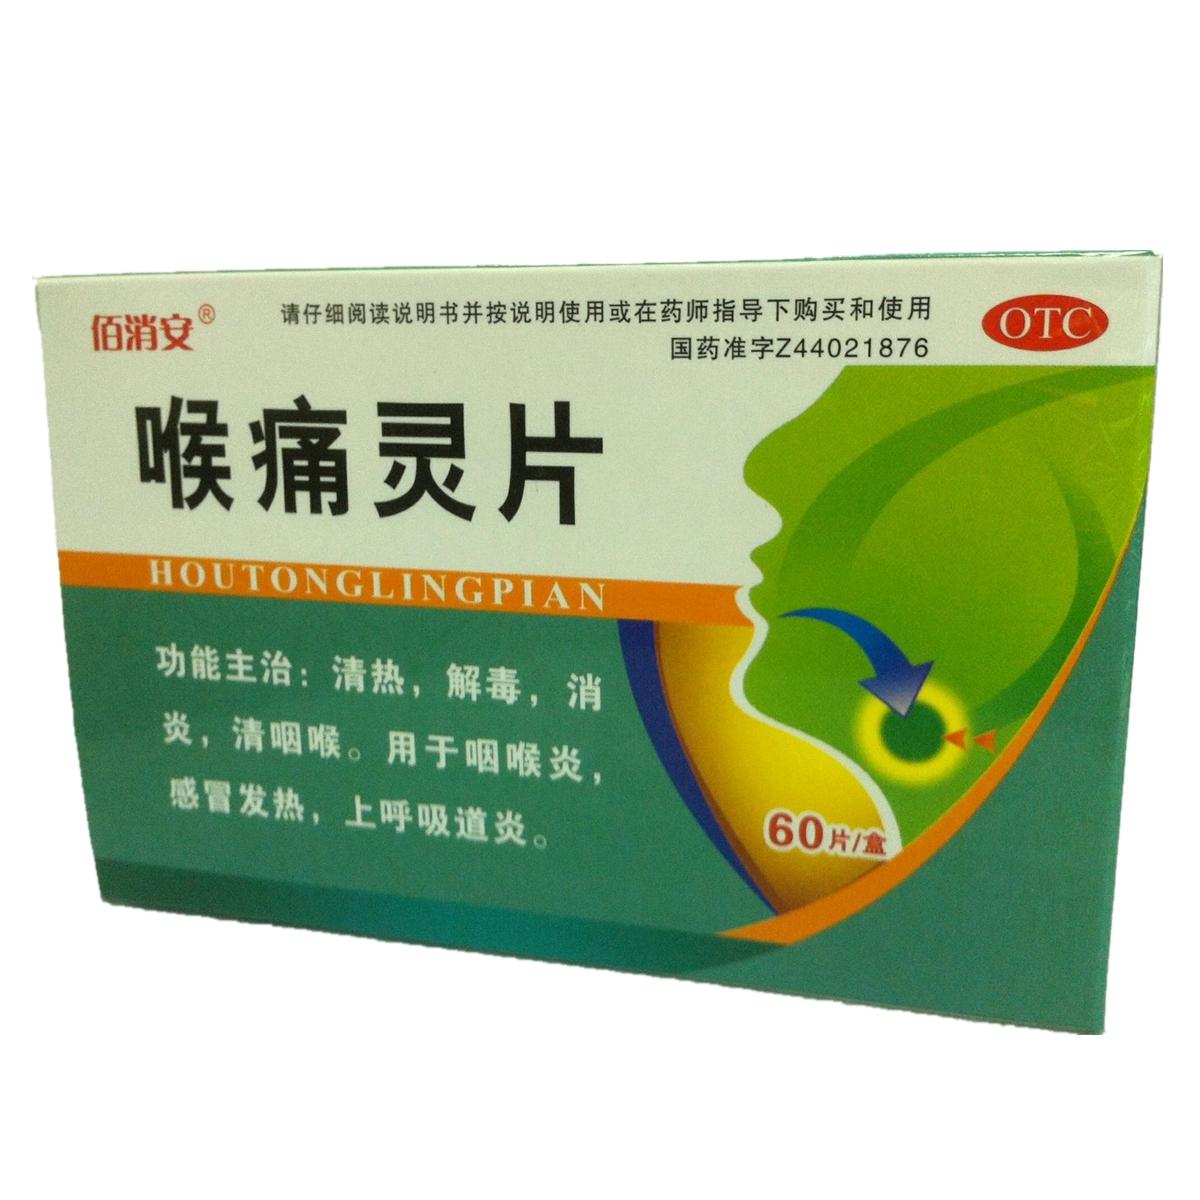 喉痛靈片(惠州中藥)說明書_價格_副作用_尋醫問藥藥品網